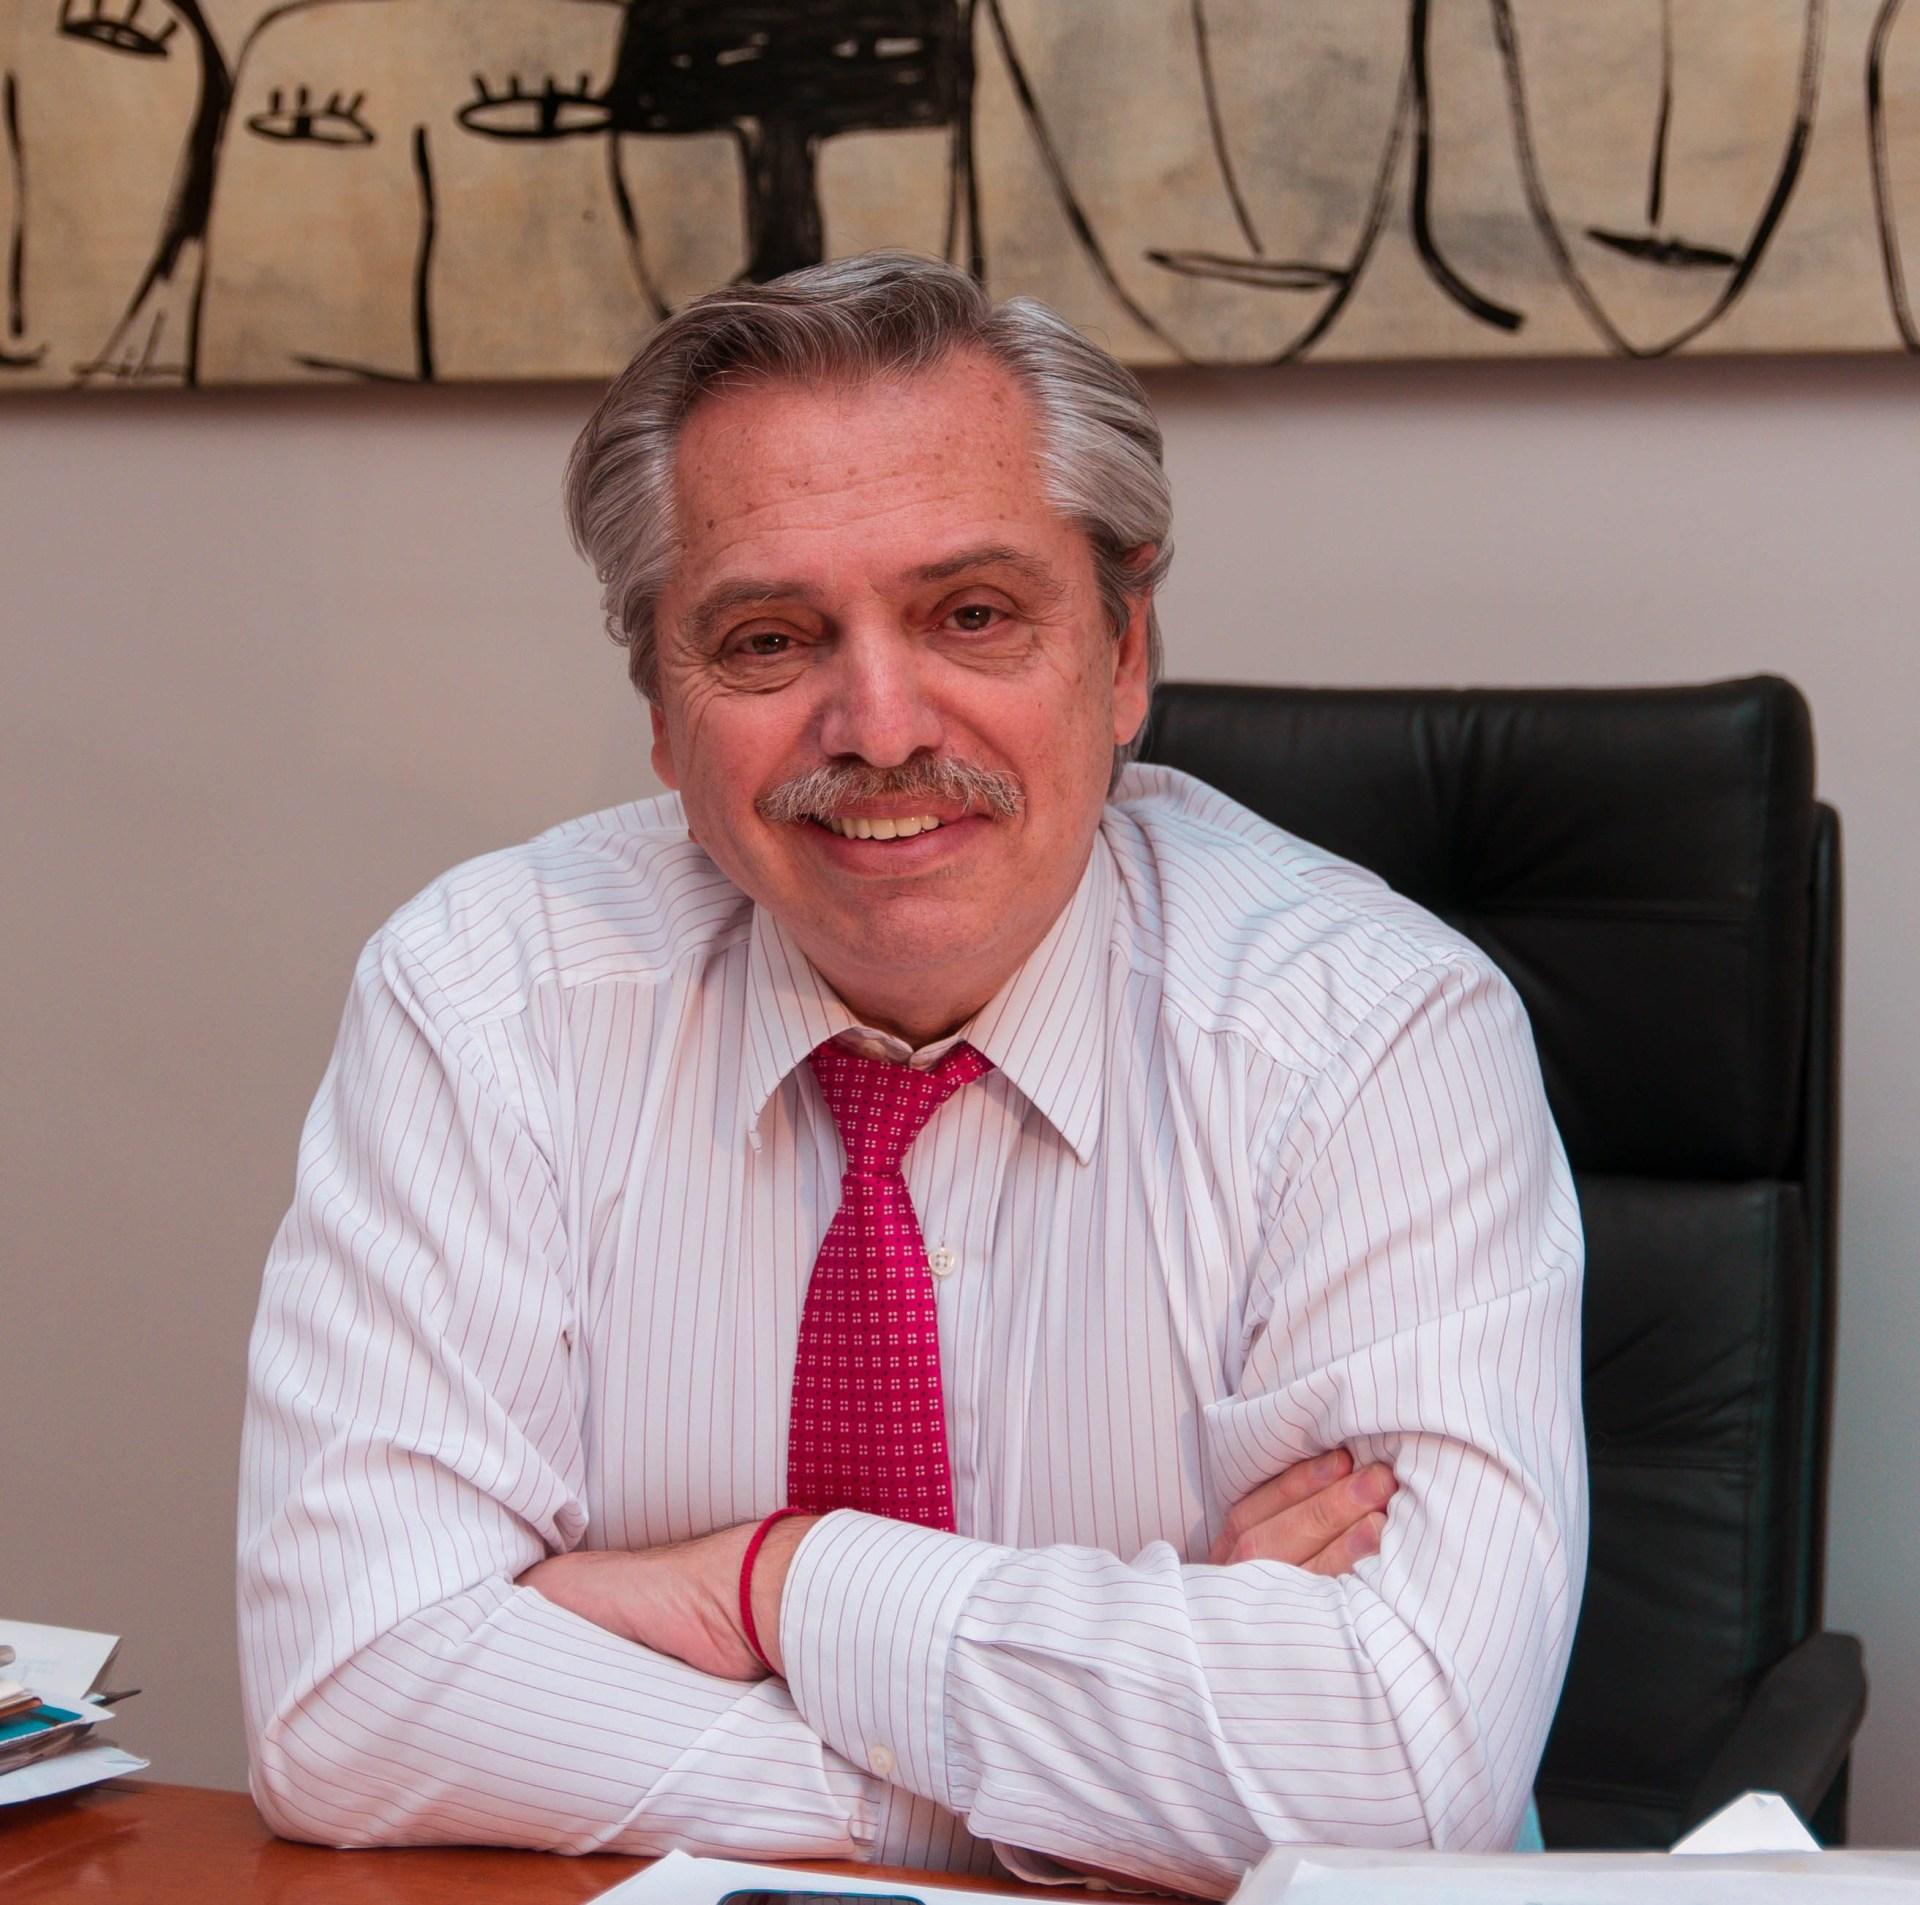 Alberto Fernández, exjefe de gabinete de la Nación, abogado y dirigente político.